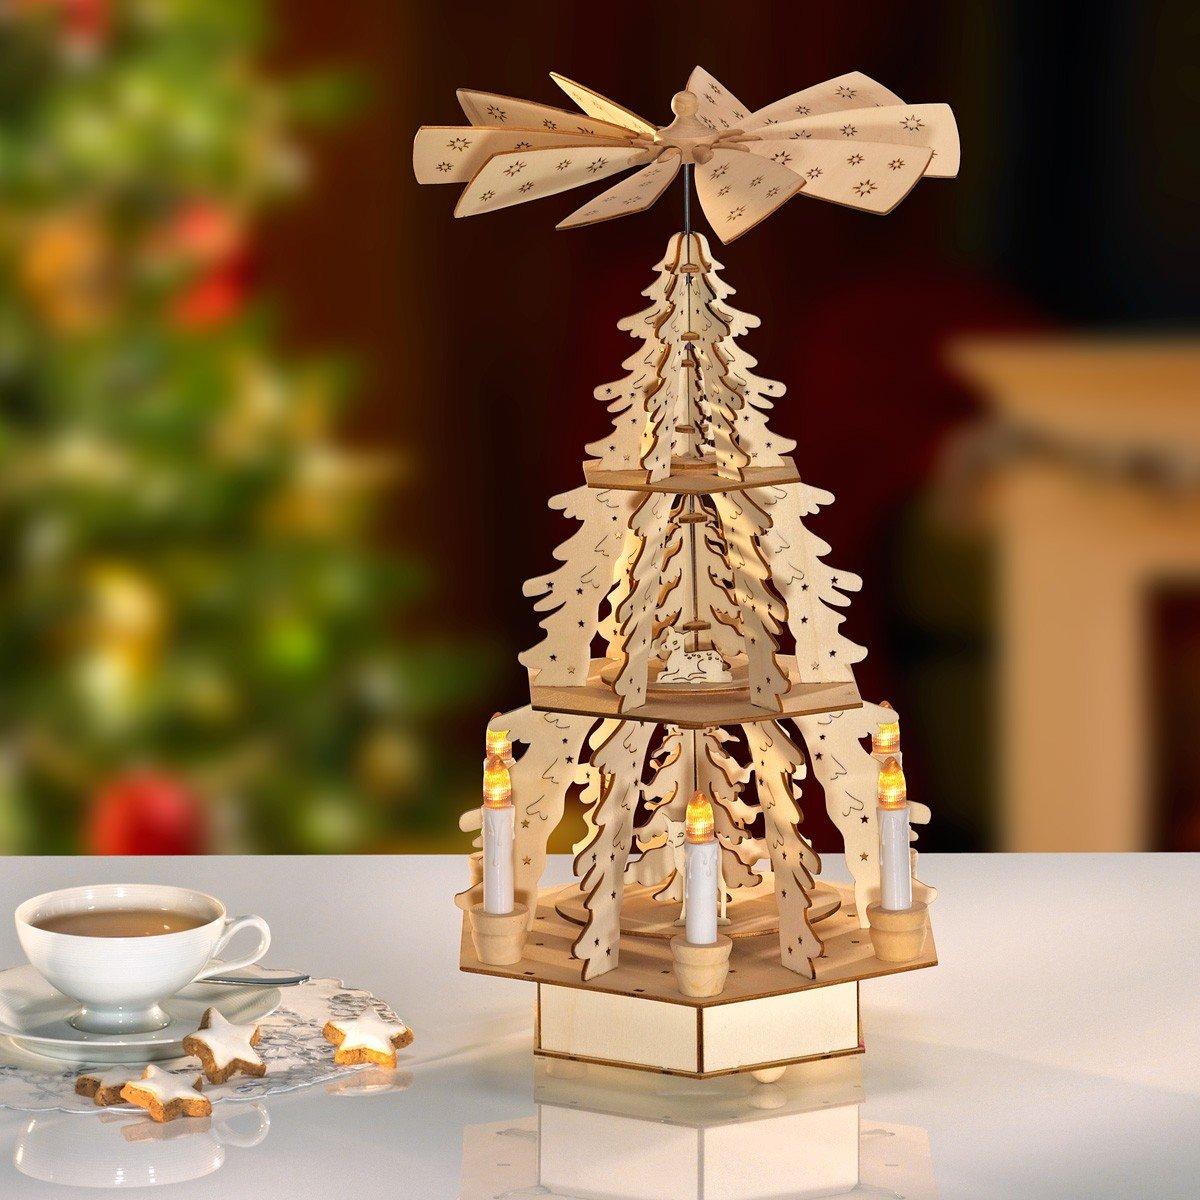 Kerstpiramide met leds kopen